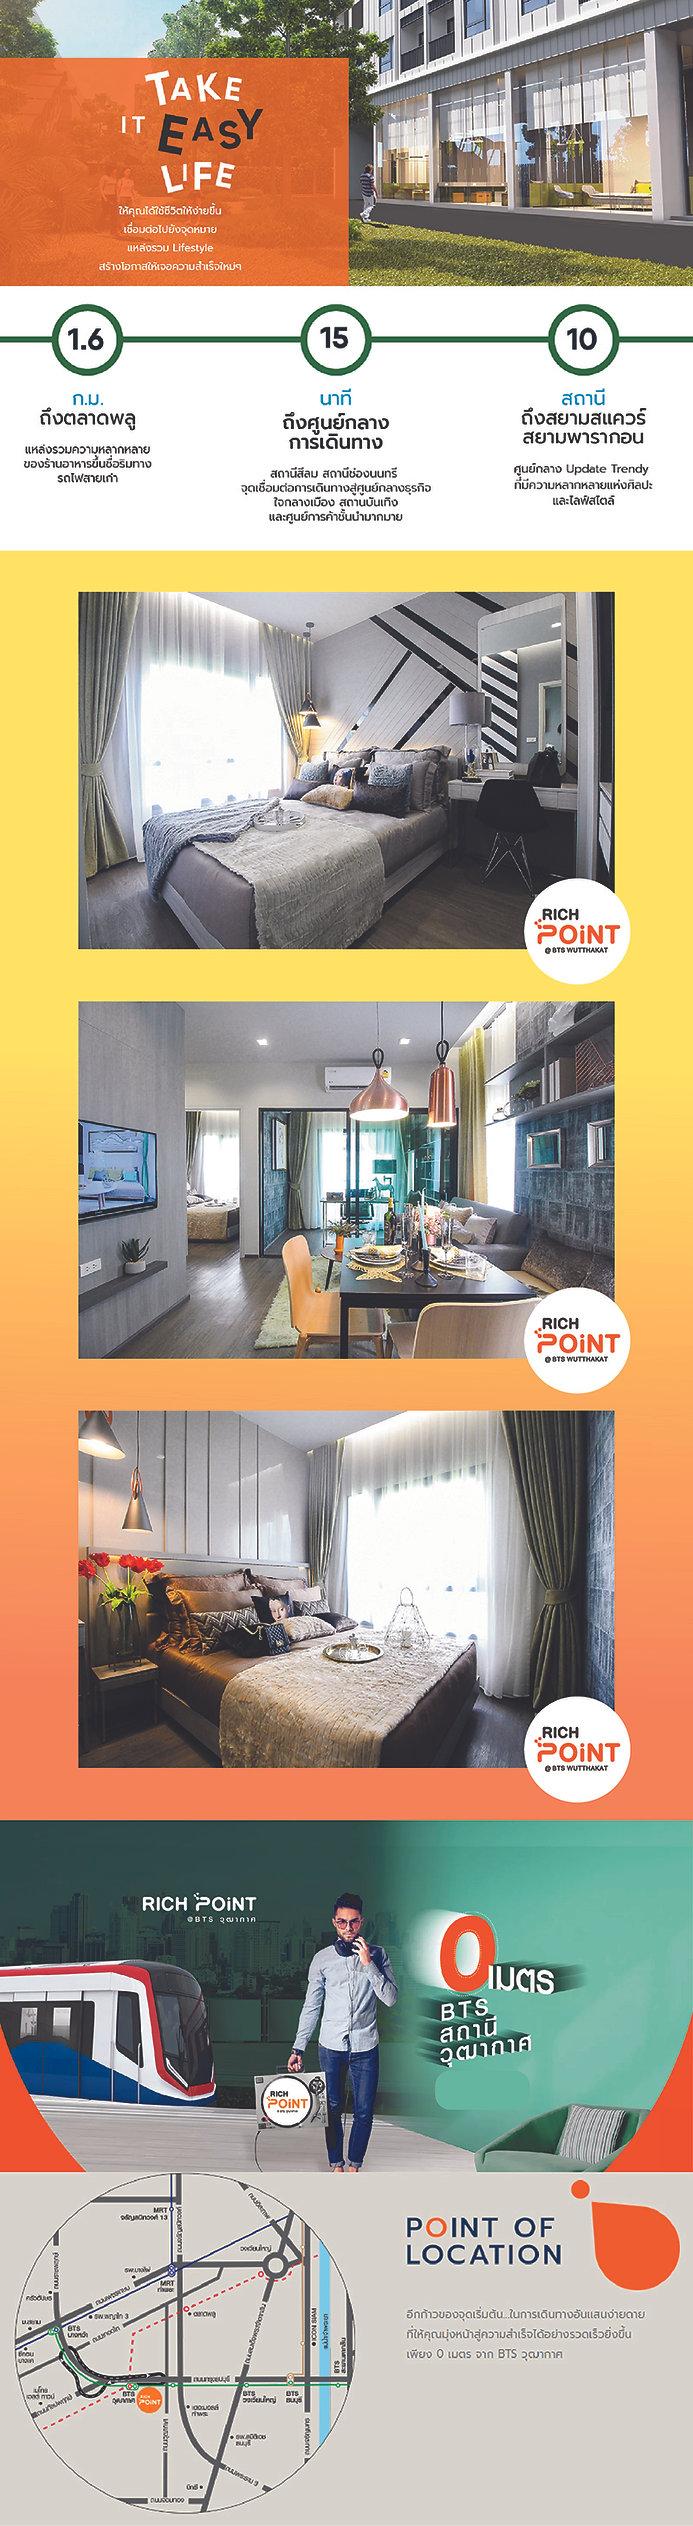 Rich point-02.jpg